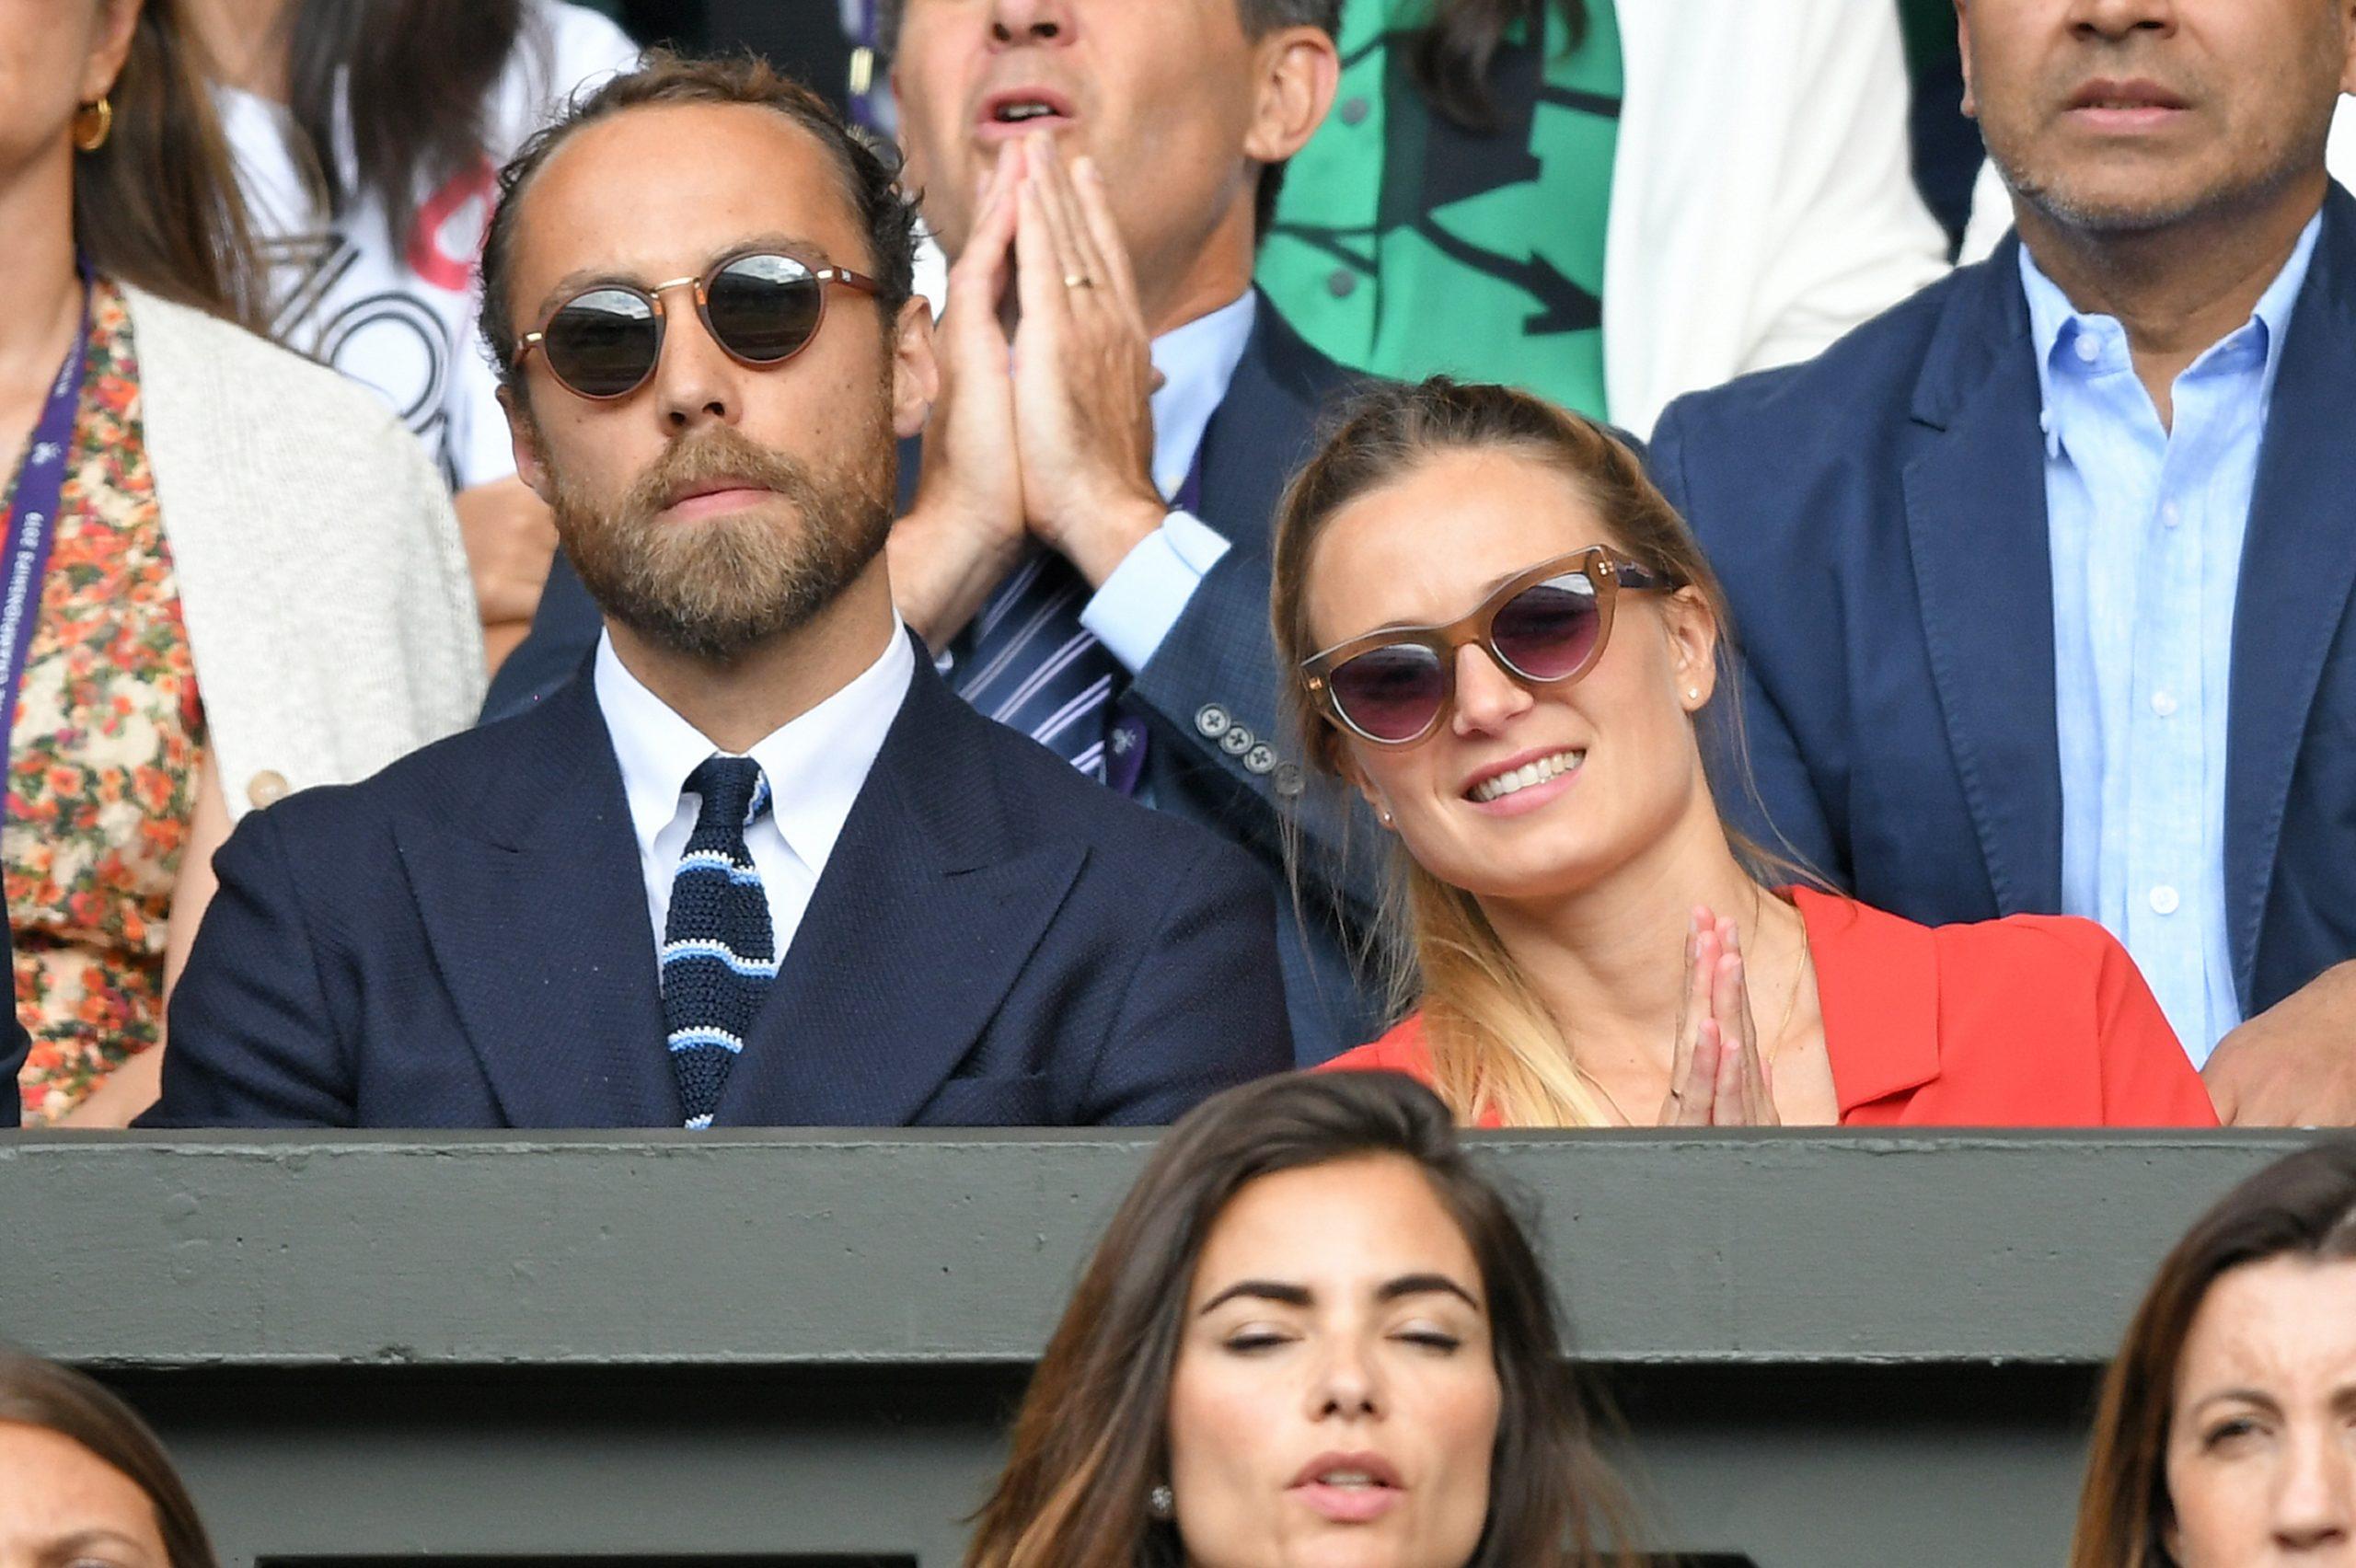 James Middleton et sa femme Alizee Thevenet à Wimbledon en 2019.